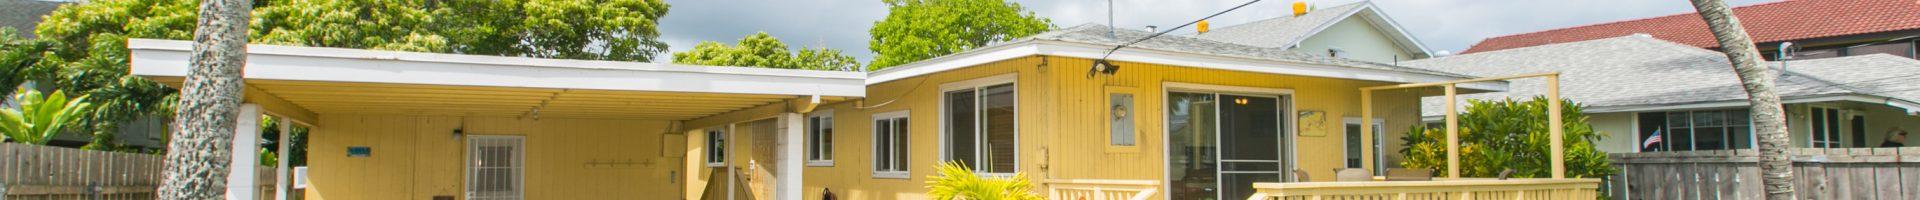 Coconut Grove |  Kailua | 327 Maluniu Ave.